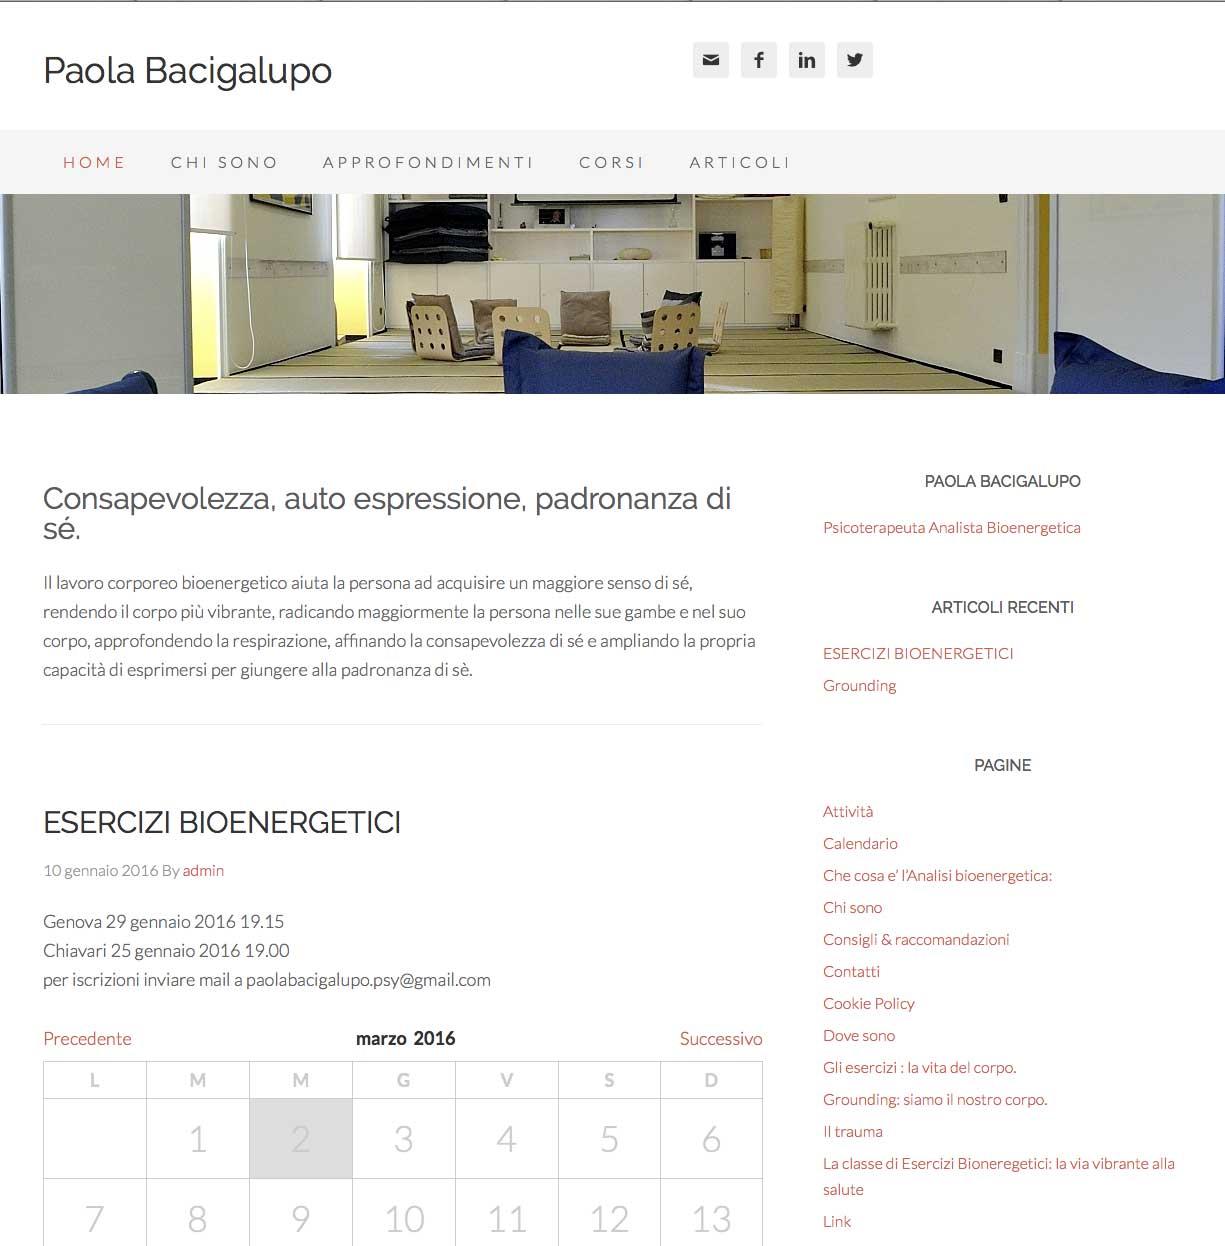 Dottoressa Paola Bacigalupo